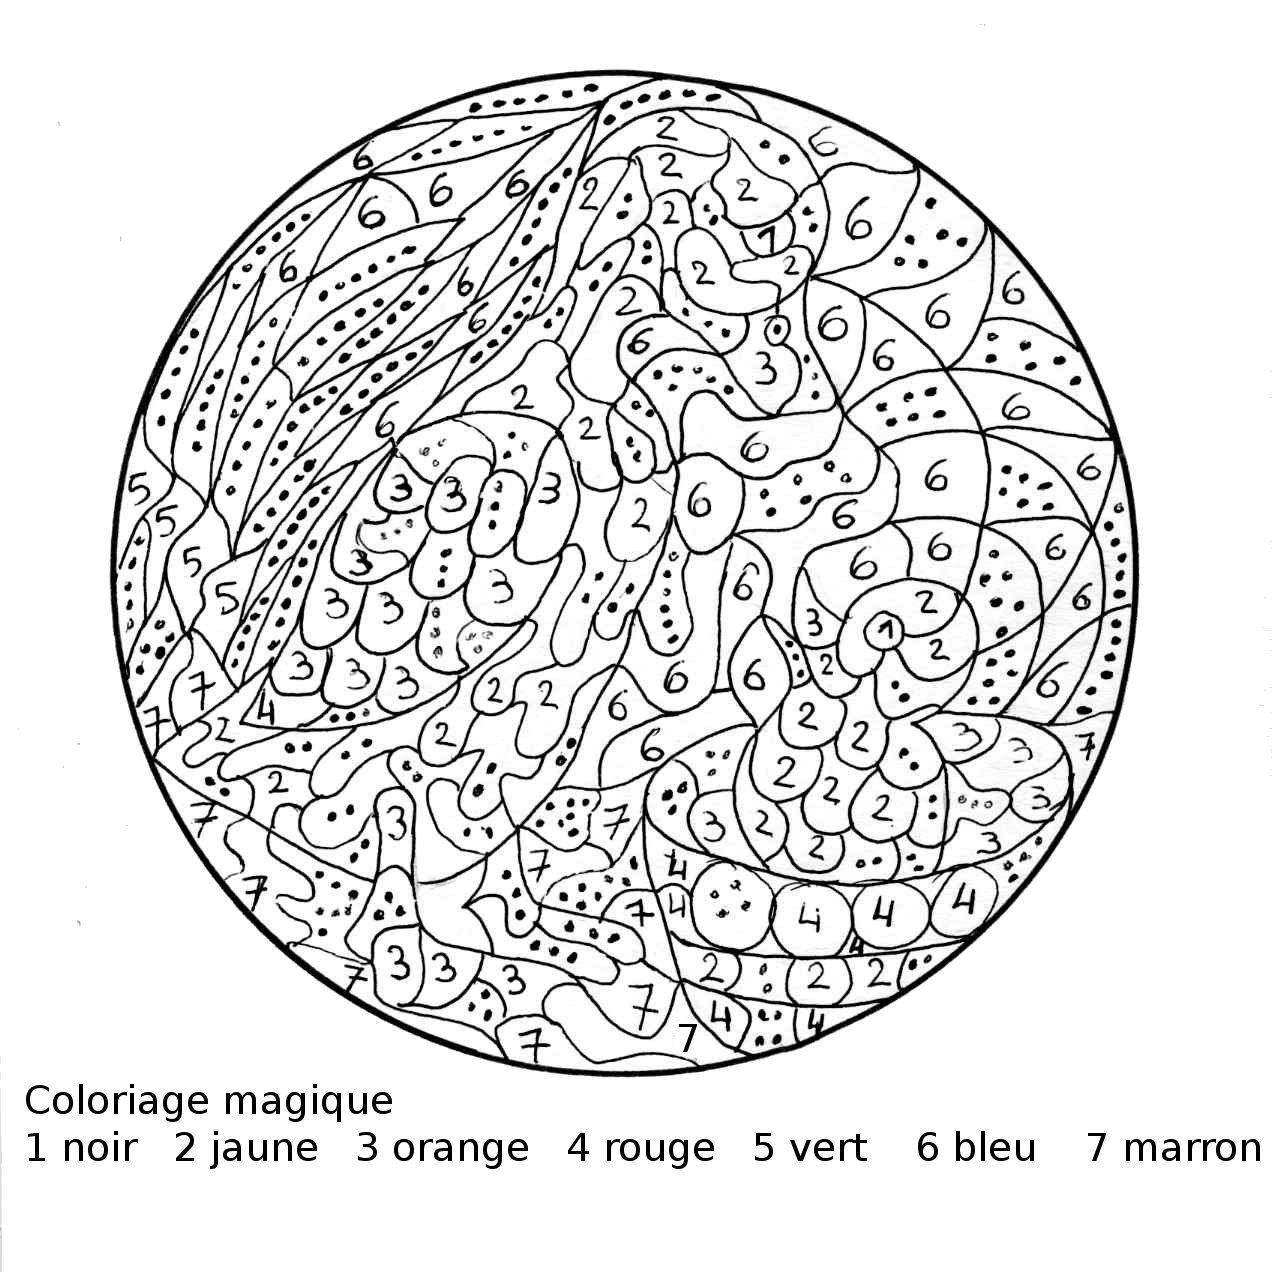 Coloriage magique maman cane et son caneton picture to pin - Coloriage magique son ...